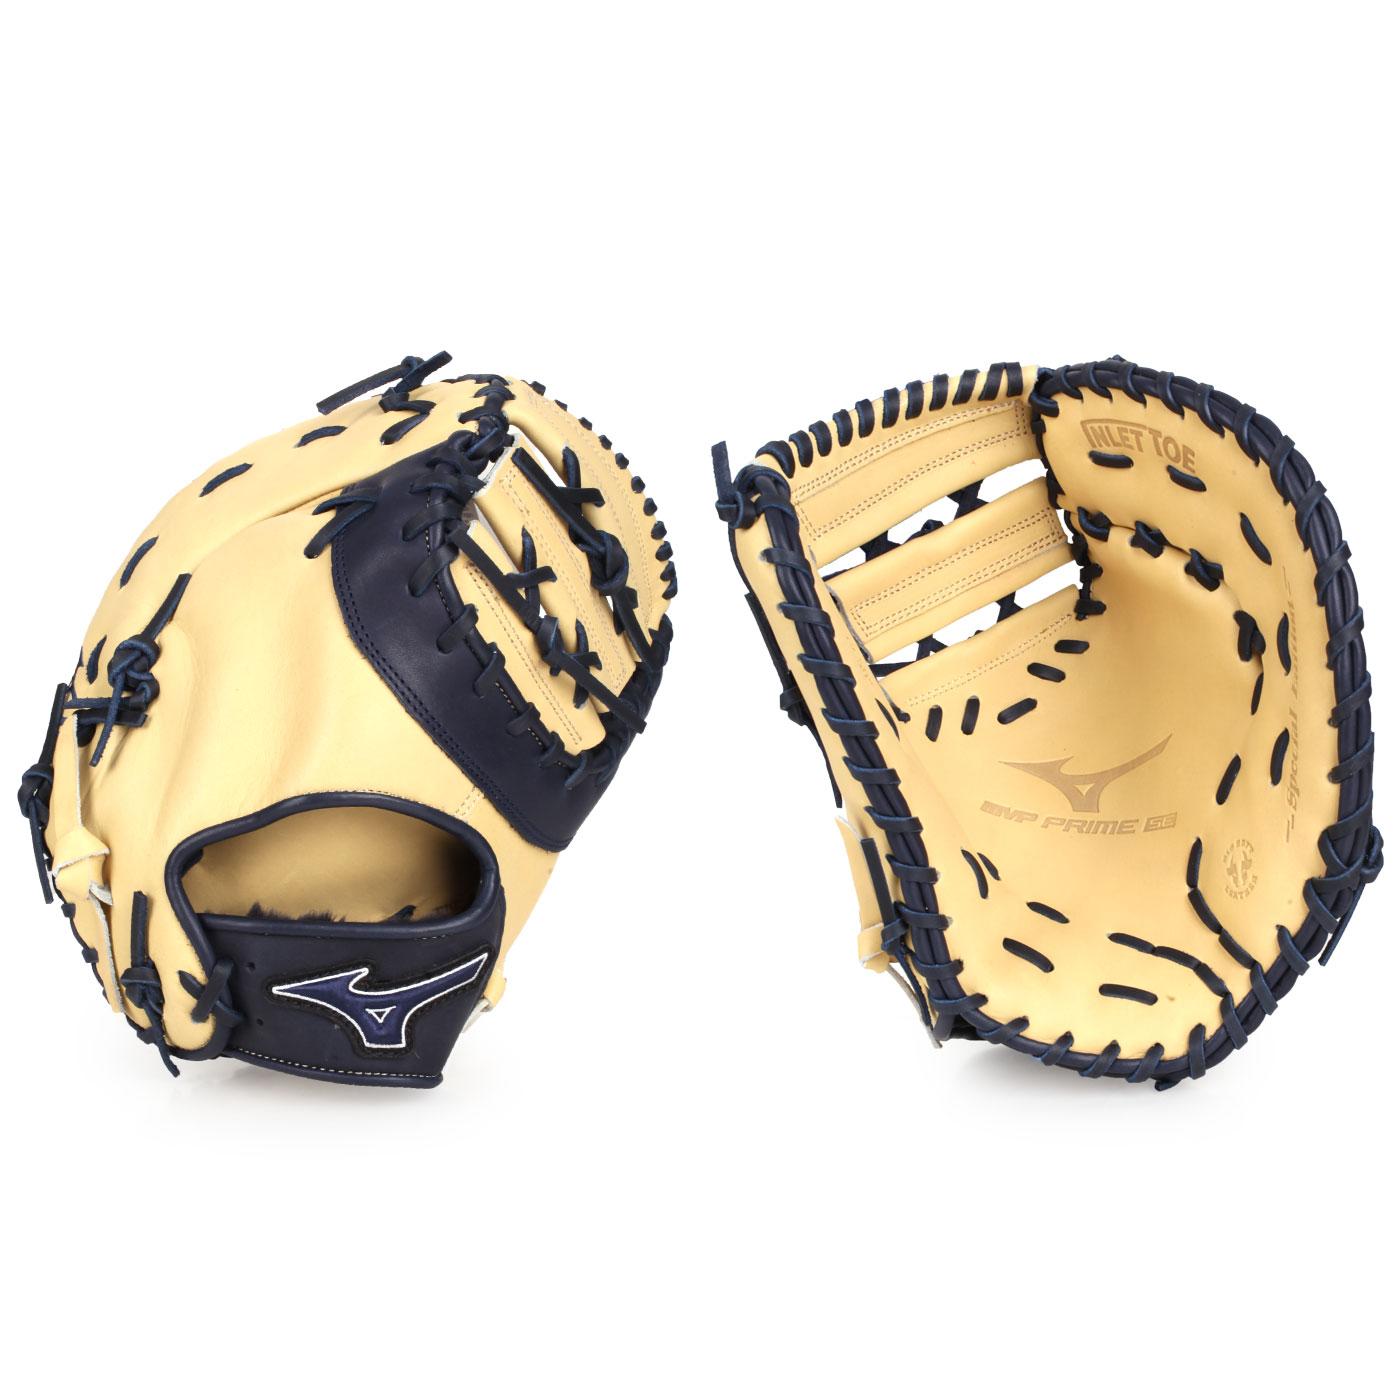 MIZUNO 硬式一壘手手套(右投) 312740-R151